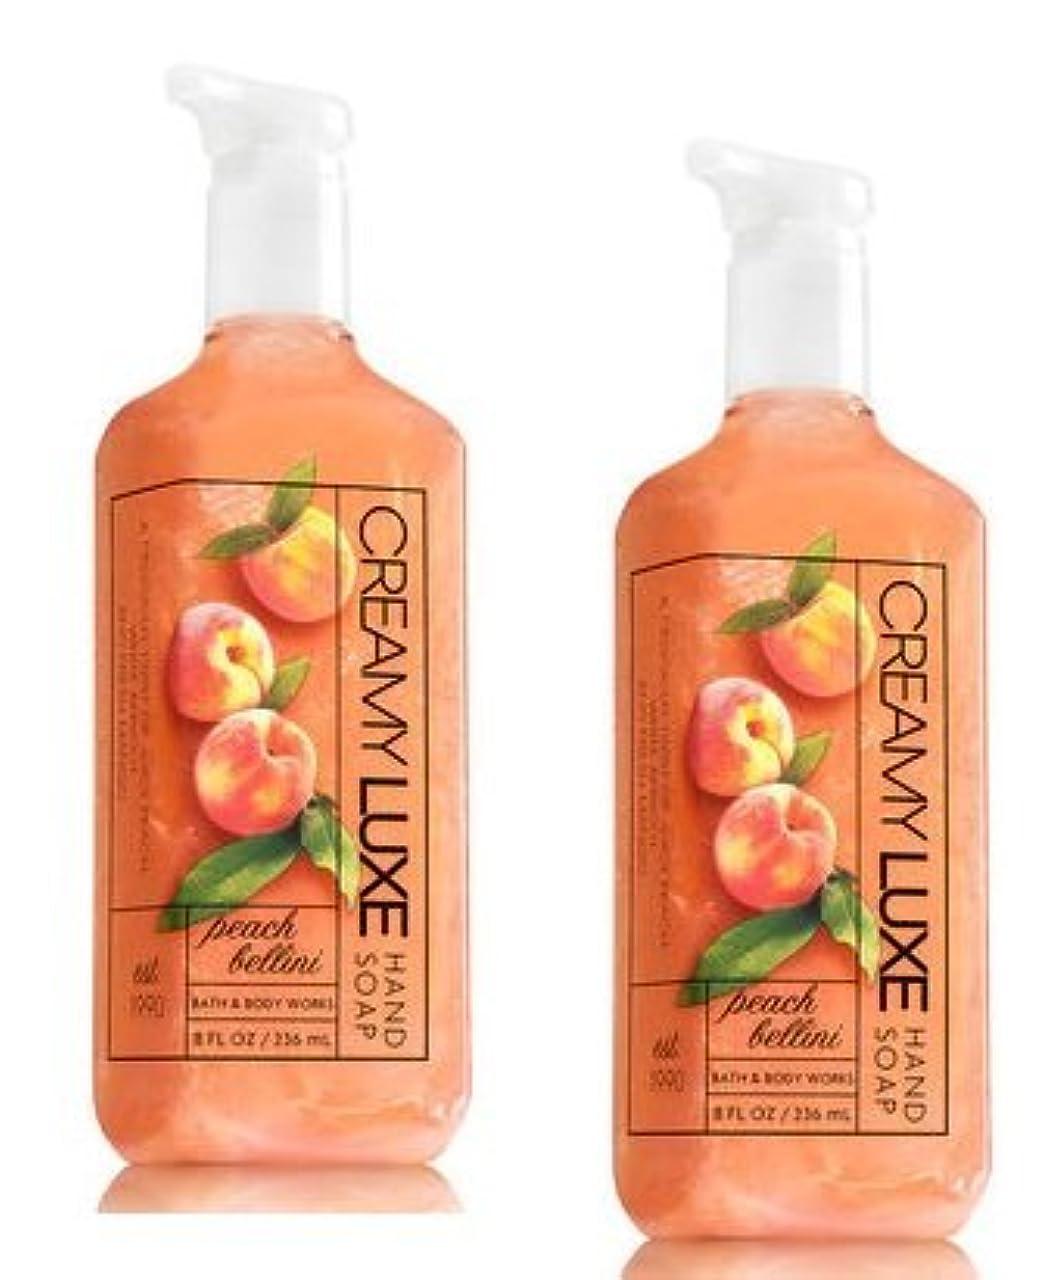 テーブル不潔限定Bath & Body Works ピーチベリーニ クリーミー リュクス ハンドソープ 2本セット PEACH BELLINI Creamy Luxe Hand Soap. 8 oz 236ml [並行輸入品]